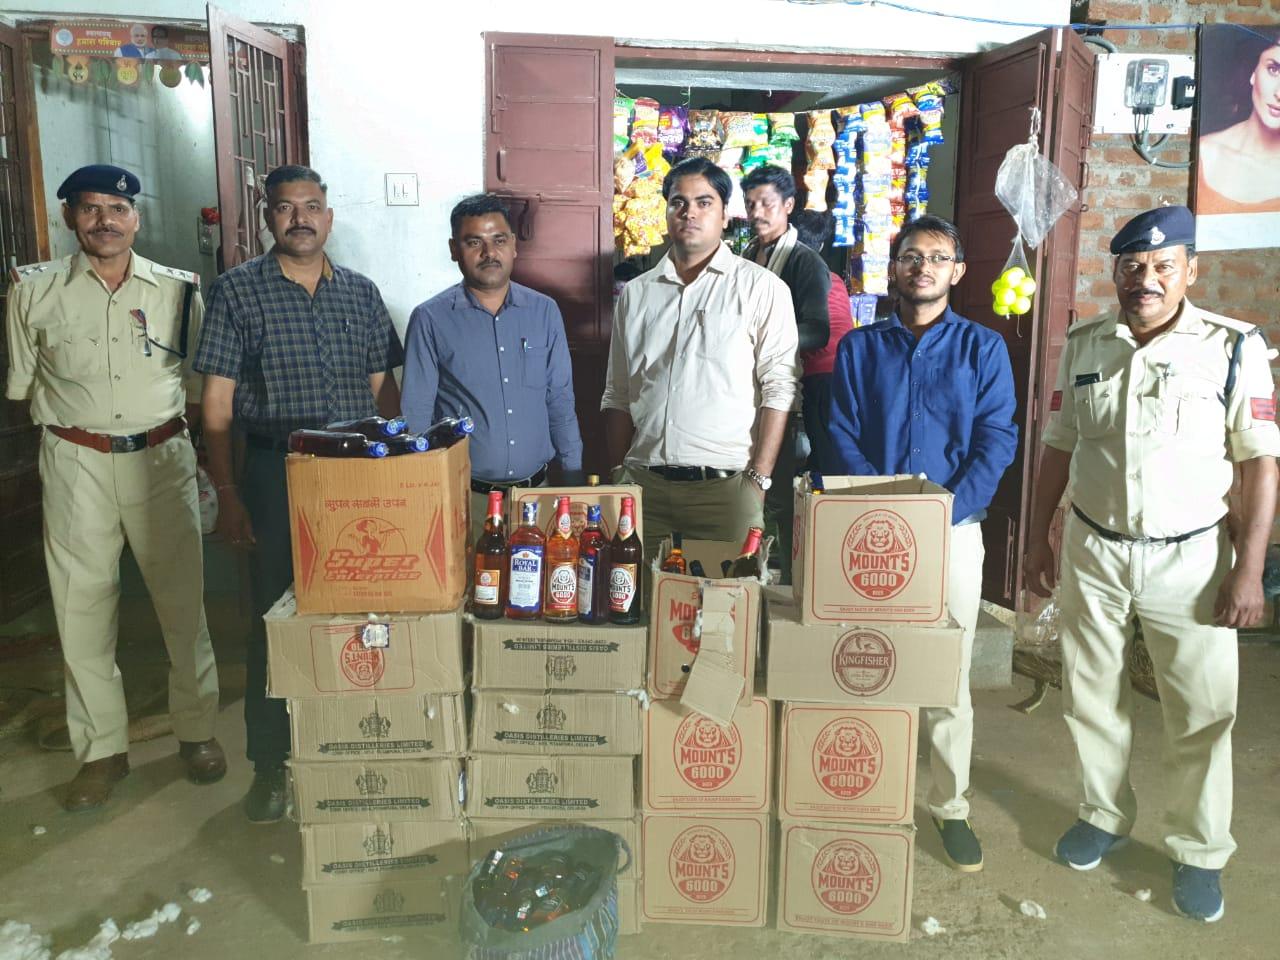 आलीराजपुर : रूई के ढेर में छिपाकर रखी 72 हजार की अवैध मदिरा जप्त